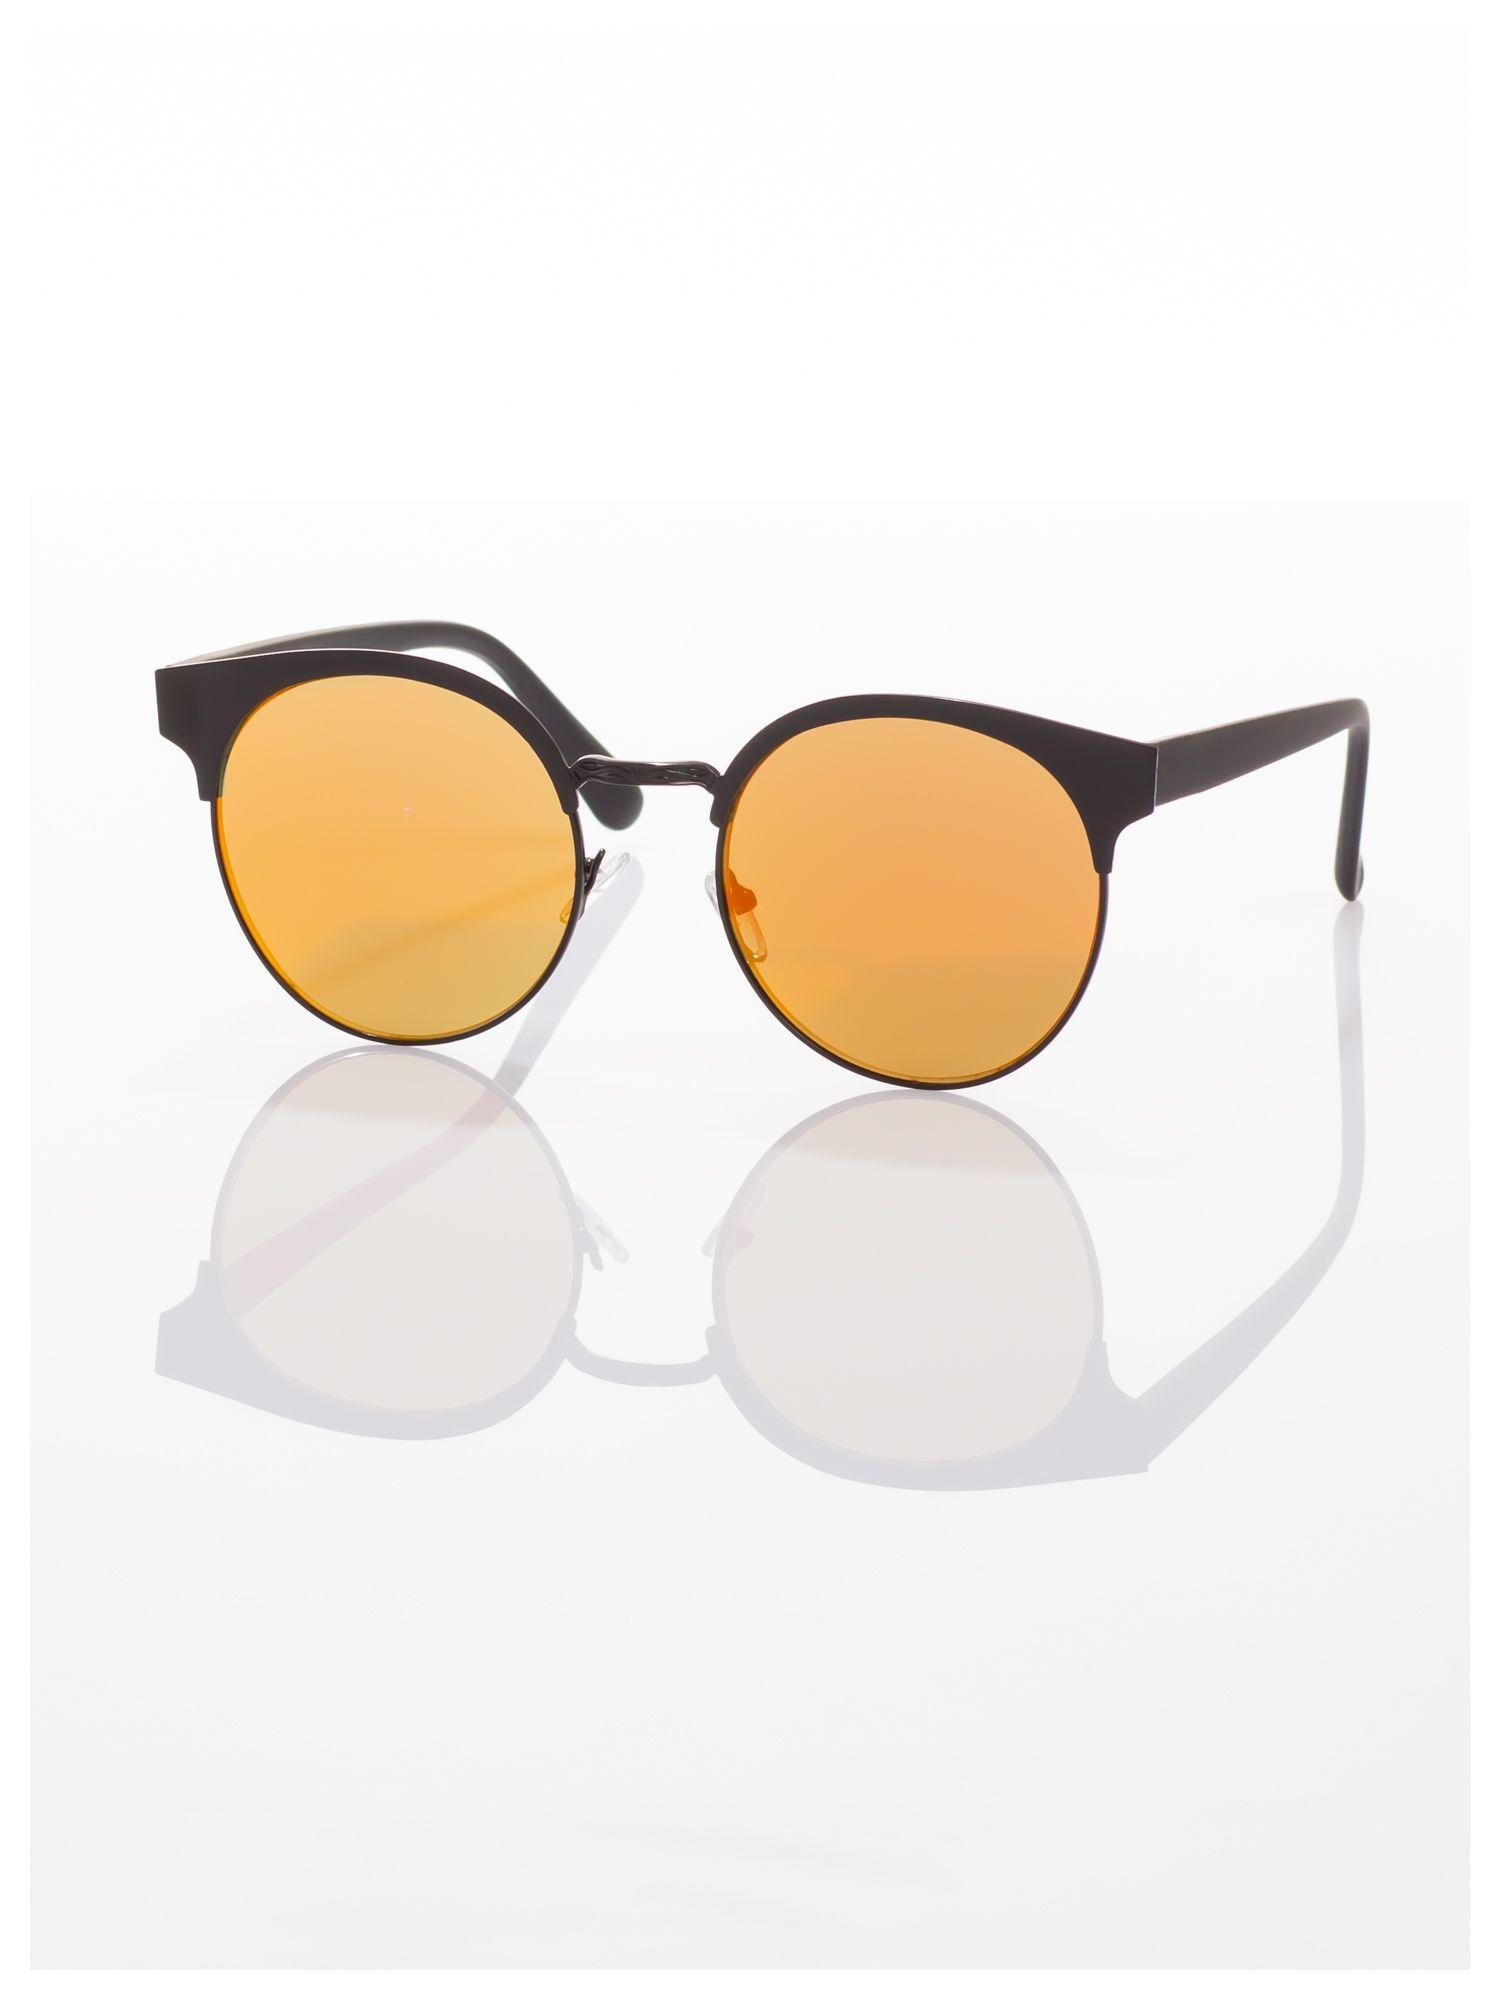 FASHION okulary przeciwsłoneczne KOCIE OCZY VINTAGE                                  zdj.                                  3